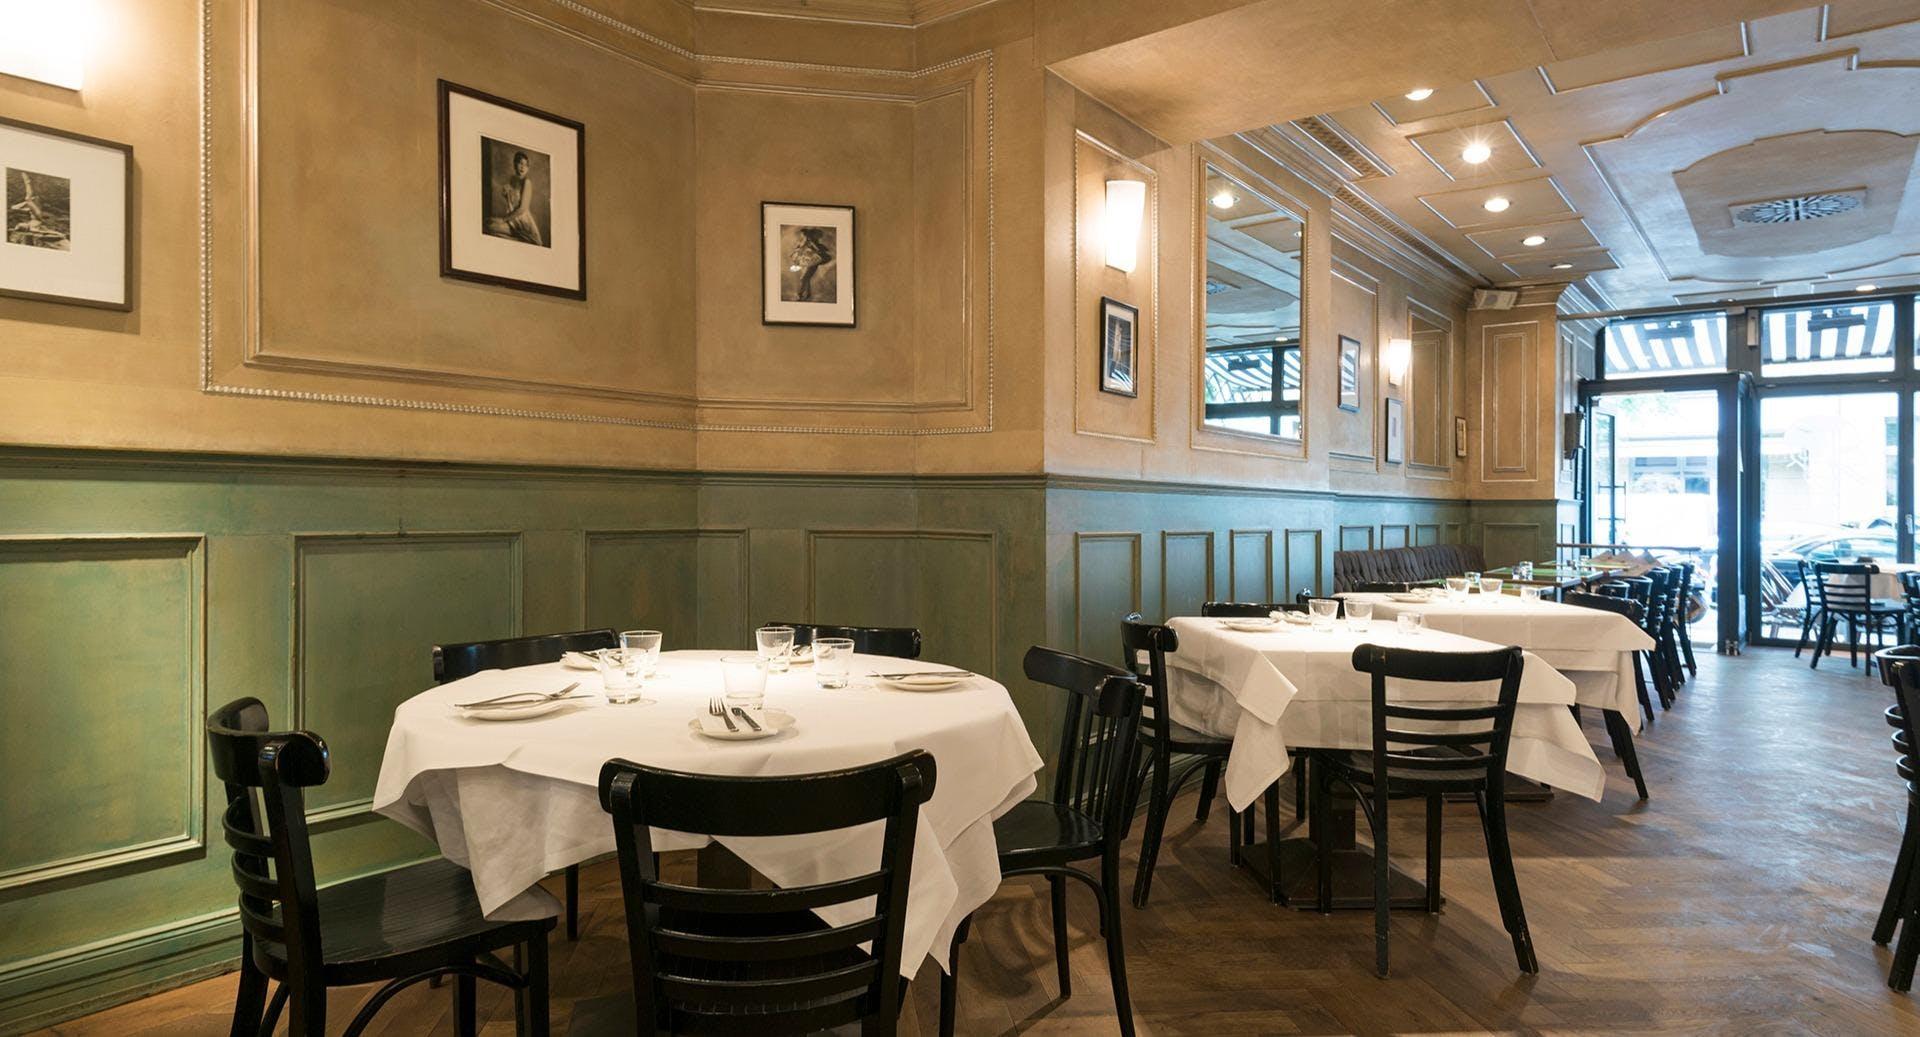 Restaurant Lubitsch Berlin image 1